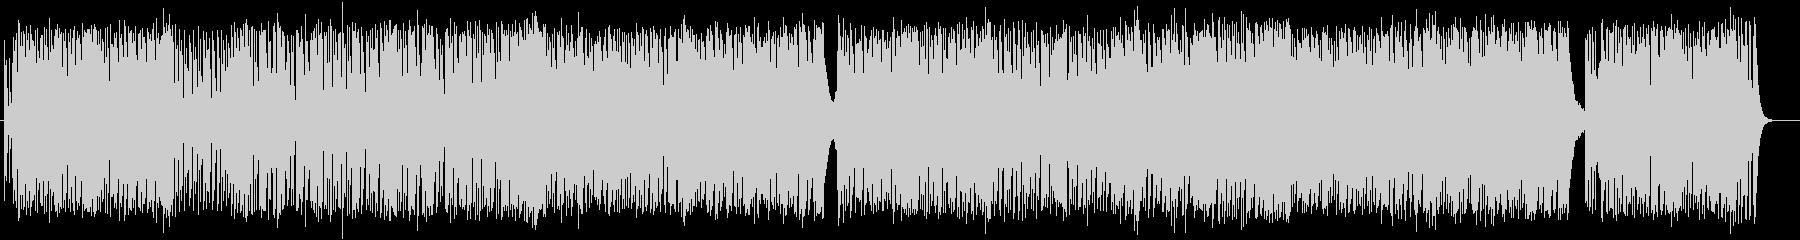 独特なテンポの緩やかシンセサウンドの未再生の波形